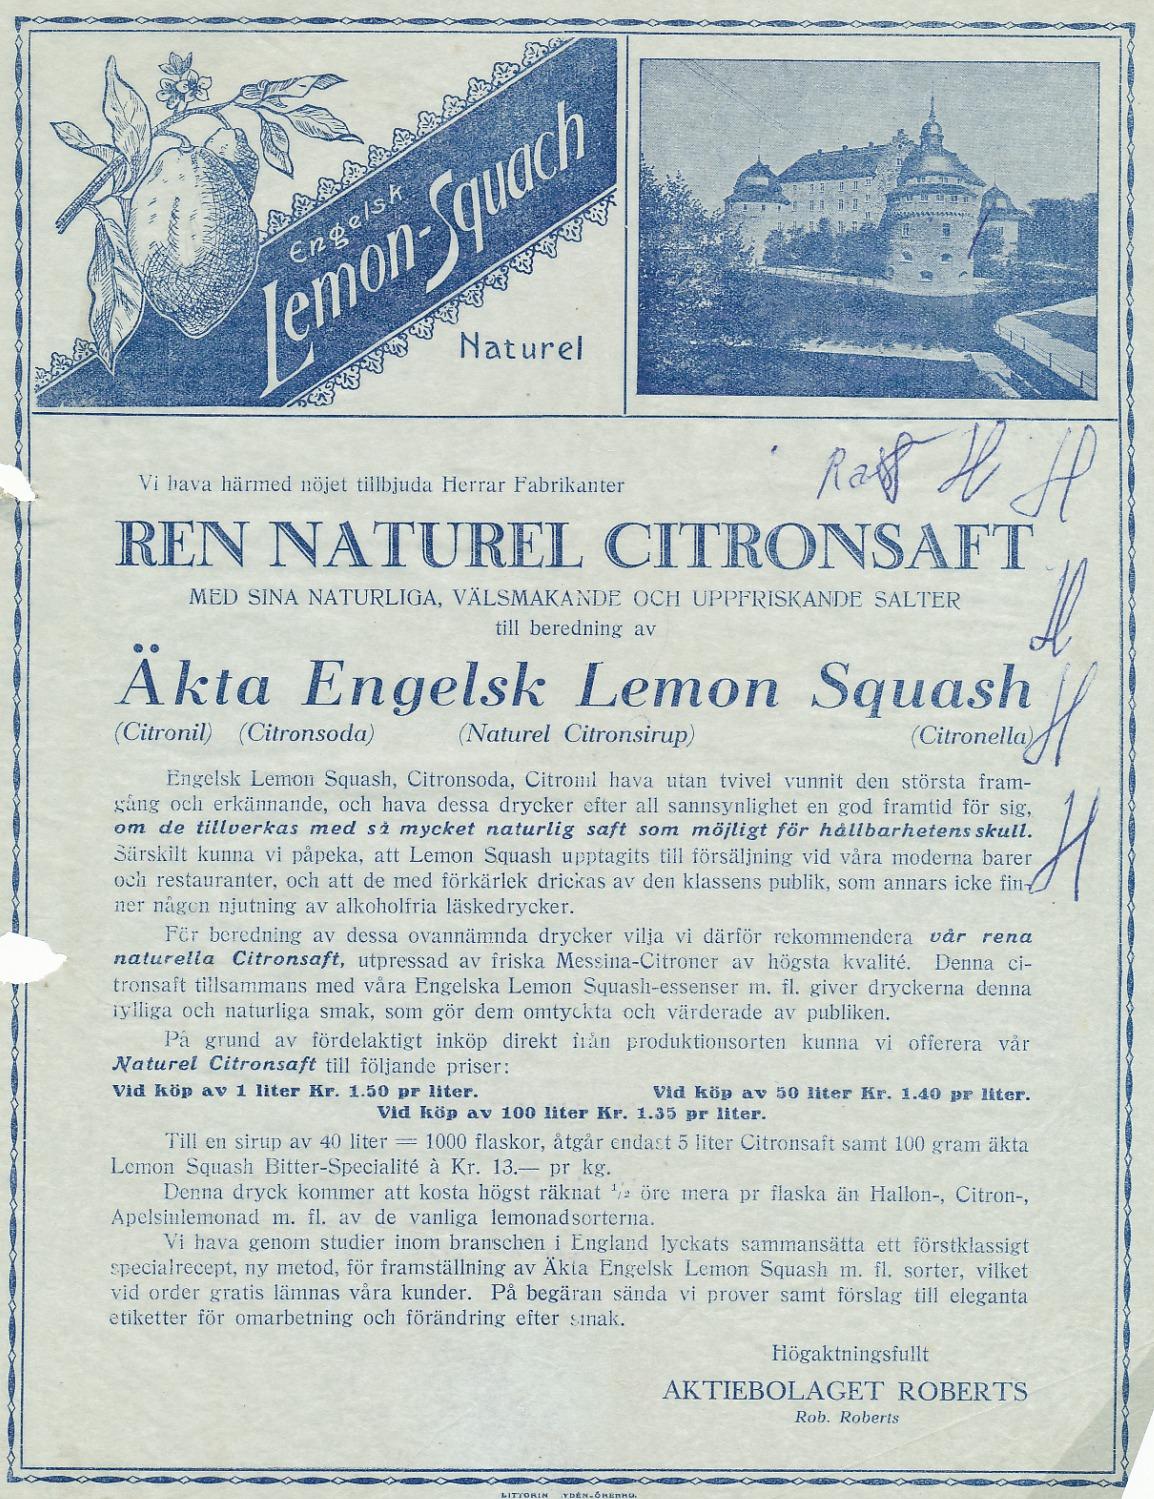 Här erbjuder Ab Roberts ren naturell citronsaft för tillverkning av Äkta Engelsk Lemon Squash.